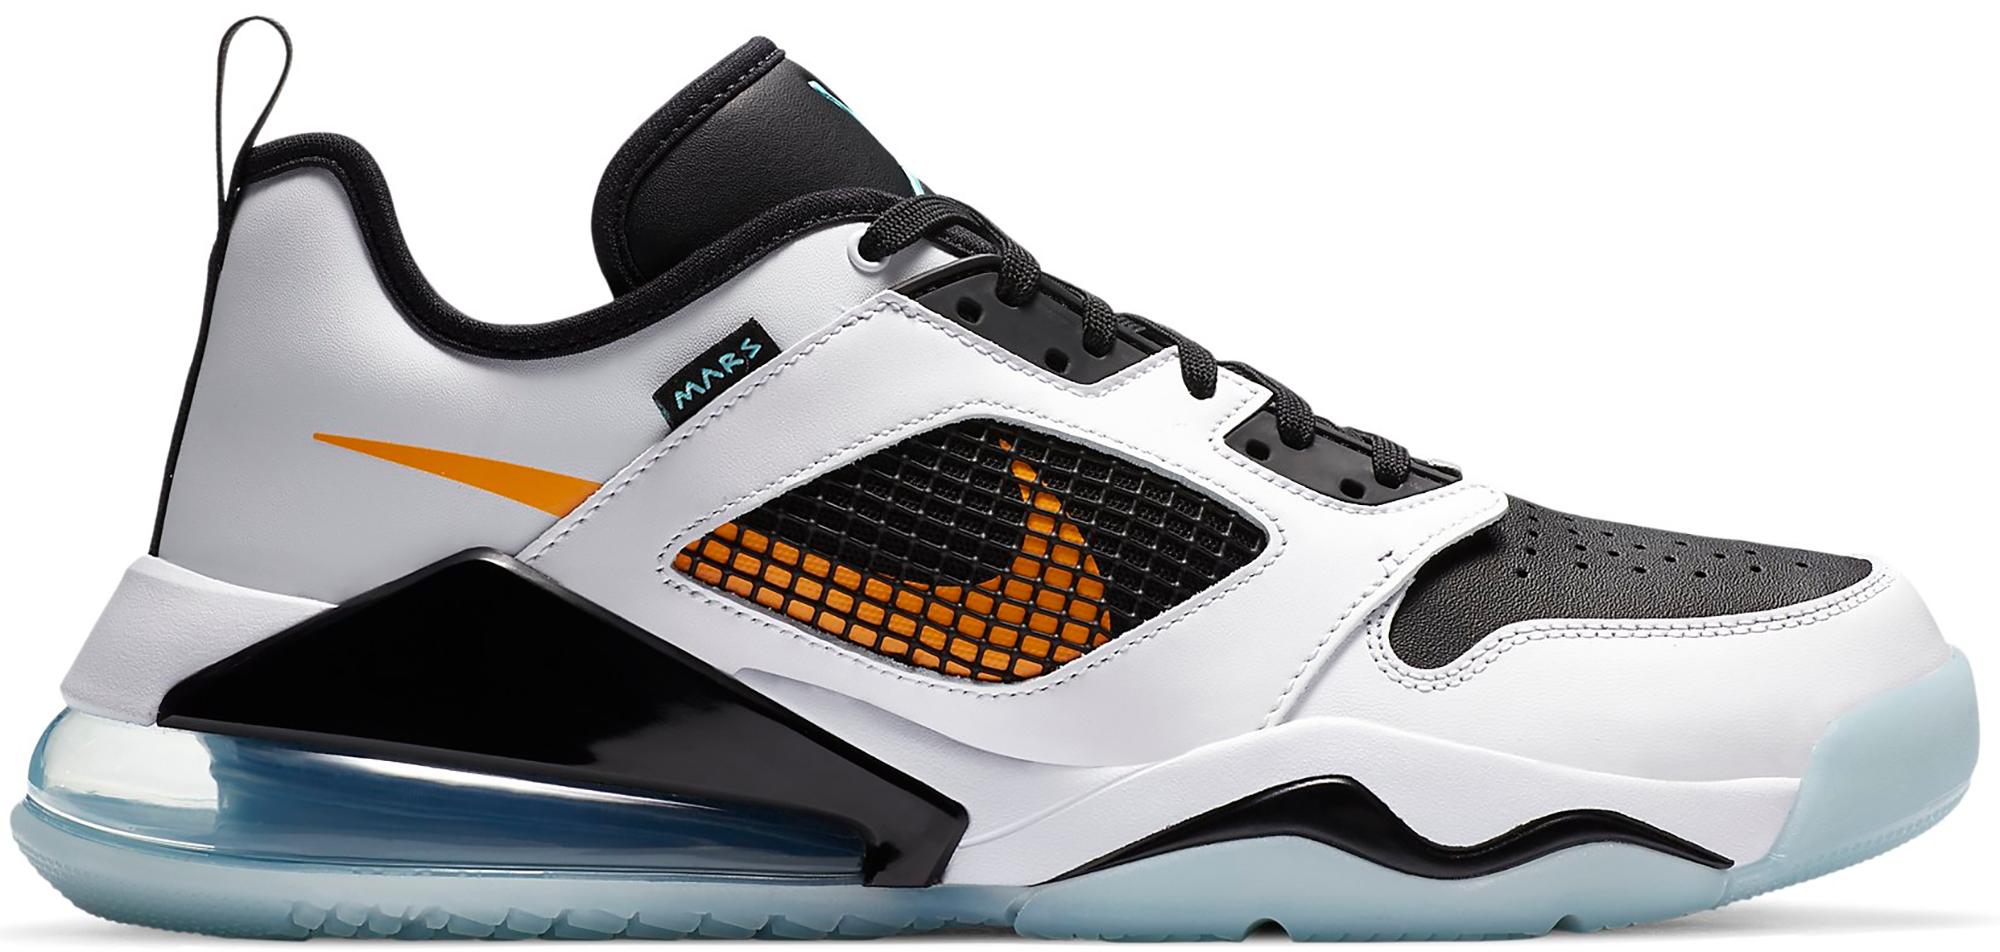 Jordan Mars 270 Low White Black Orange